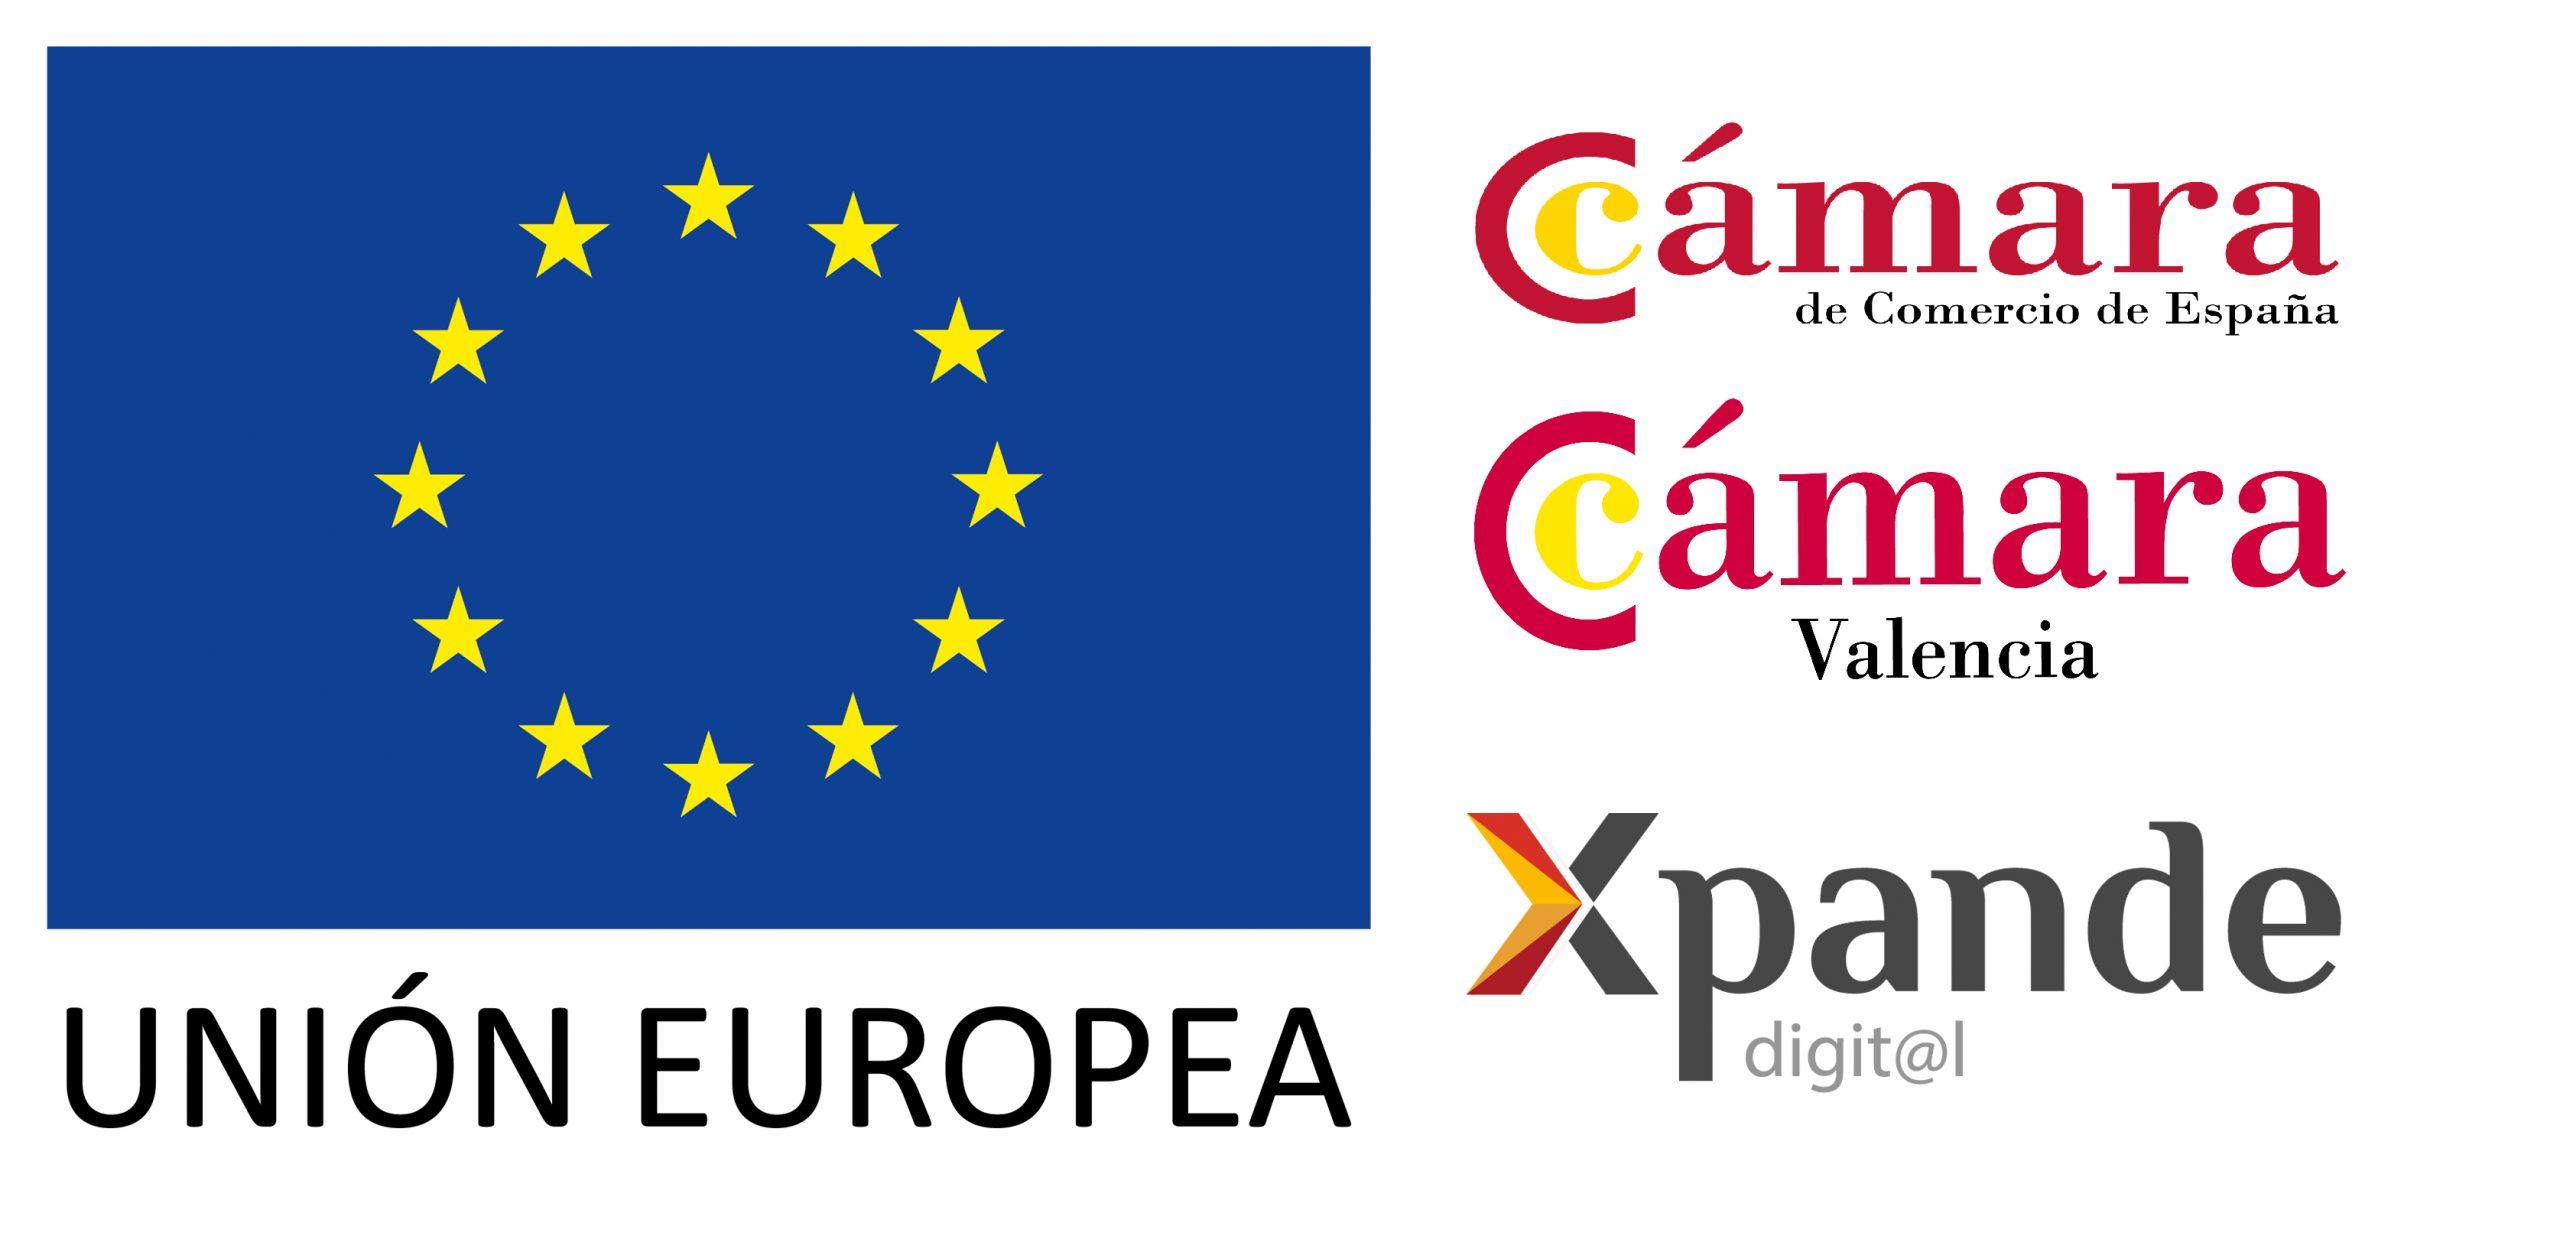 LIDA Plant Research apuesta por la internacionalización con el apoyo del Programa XPANDE DIGITAL de la Cámara de Comercio de Valencia